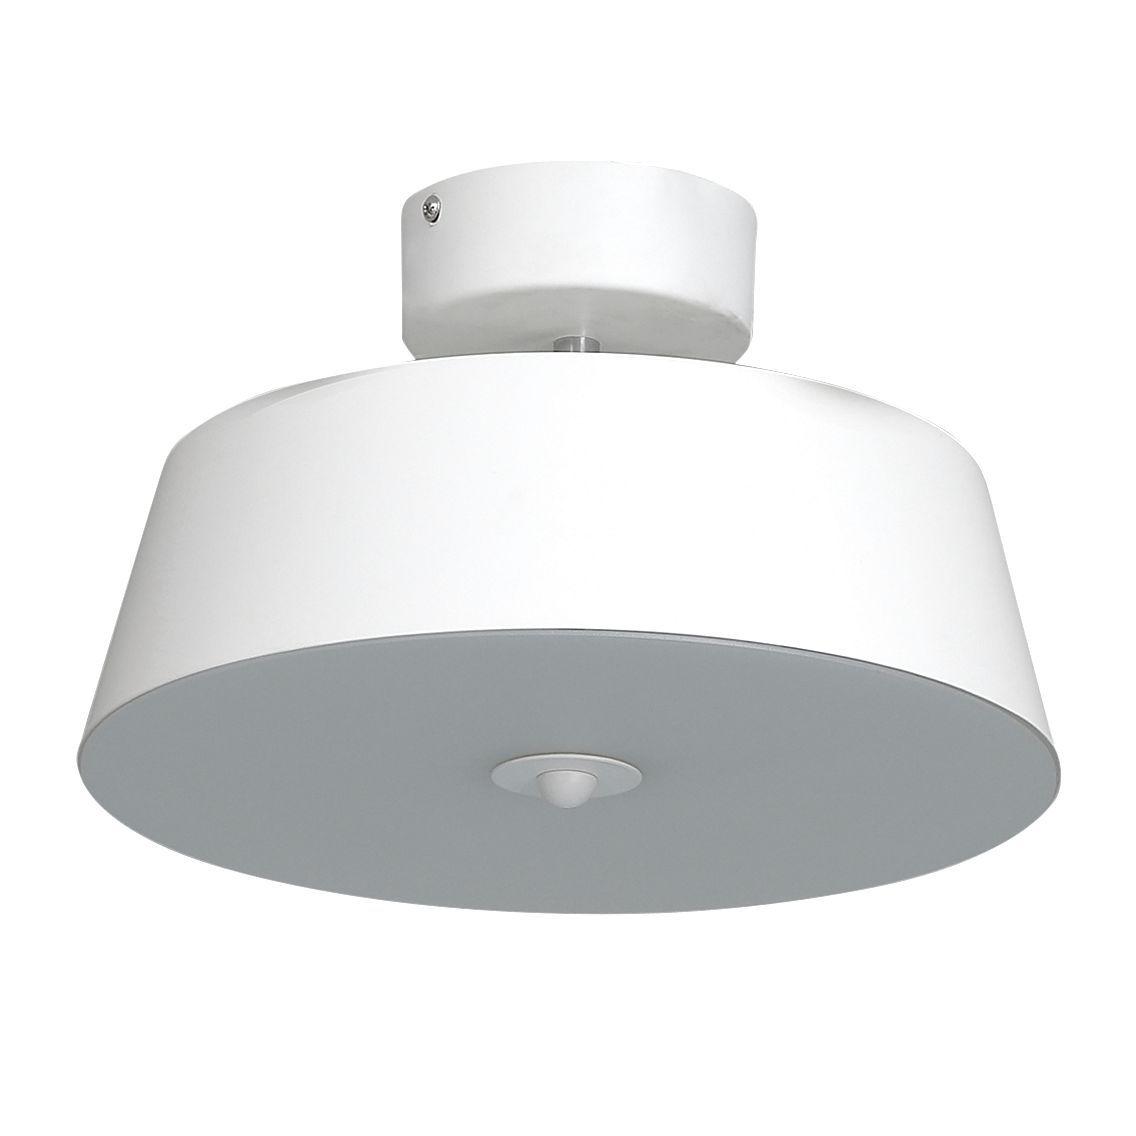 Full Size of Küchen Deckenlampe Led Deckenbeleuchtung Wohnzimmer Kchen Bad Deckenlampen Modern Schlafzimmer Esstisch Für Küche Regal Wohnzimmer Küchen Deckenlampe